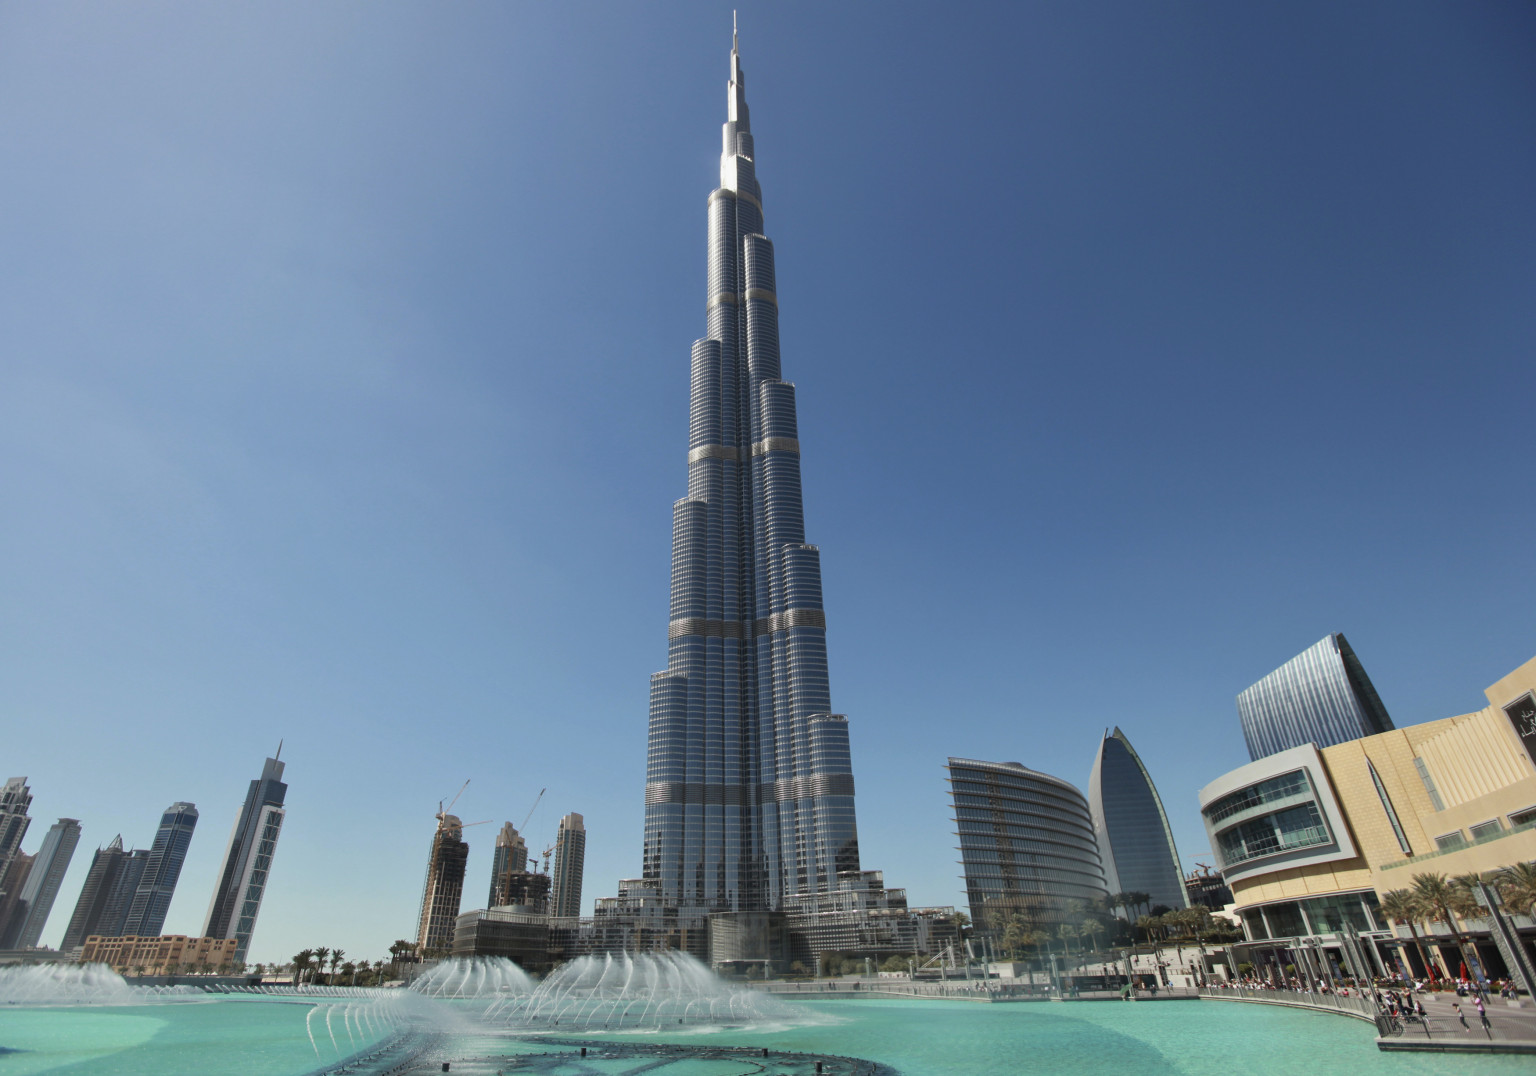 Todo sobre el Burj Khalifa, el edificio más alto del mundo